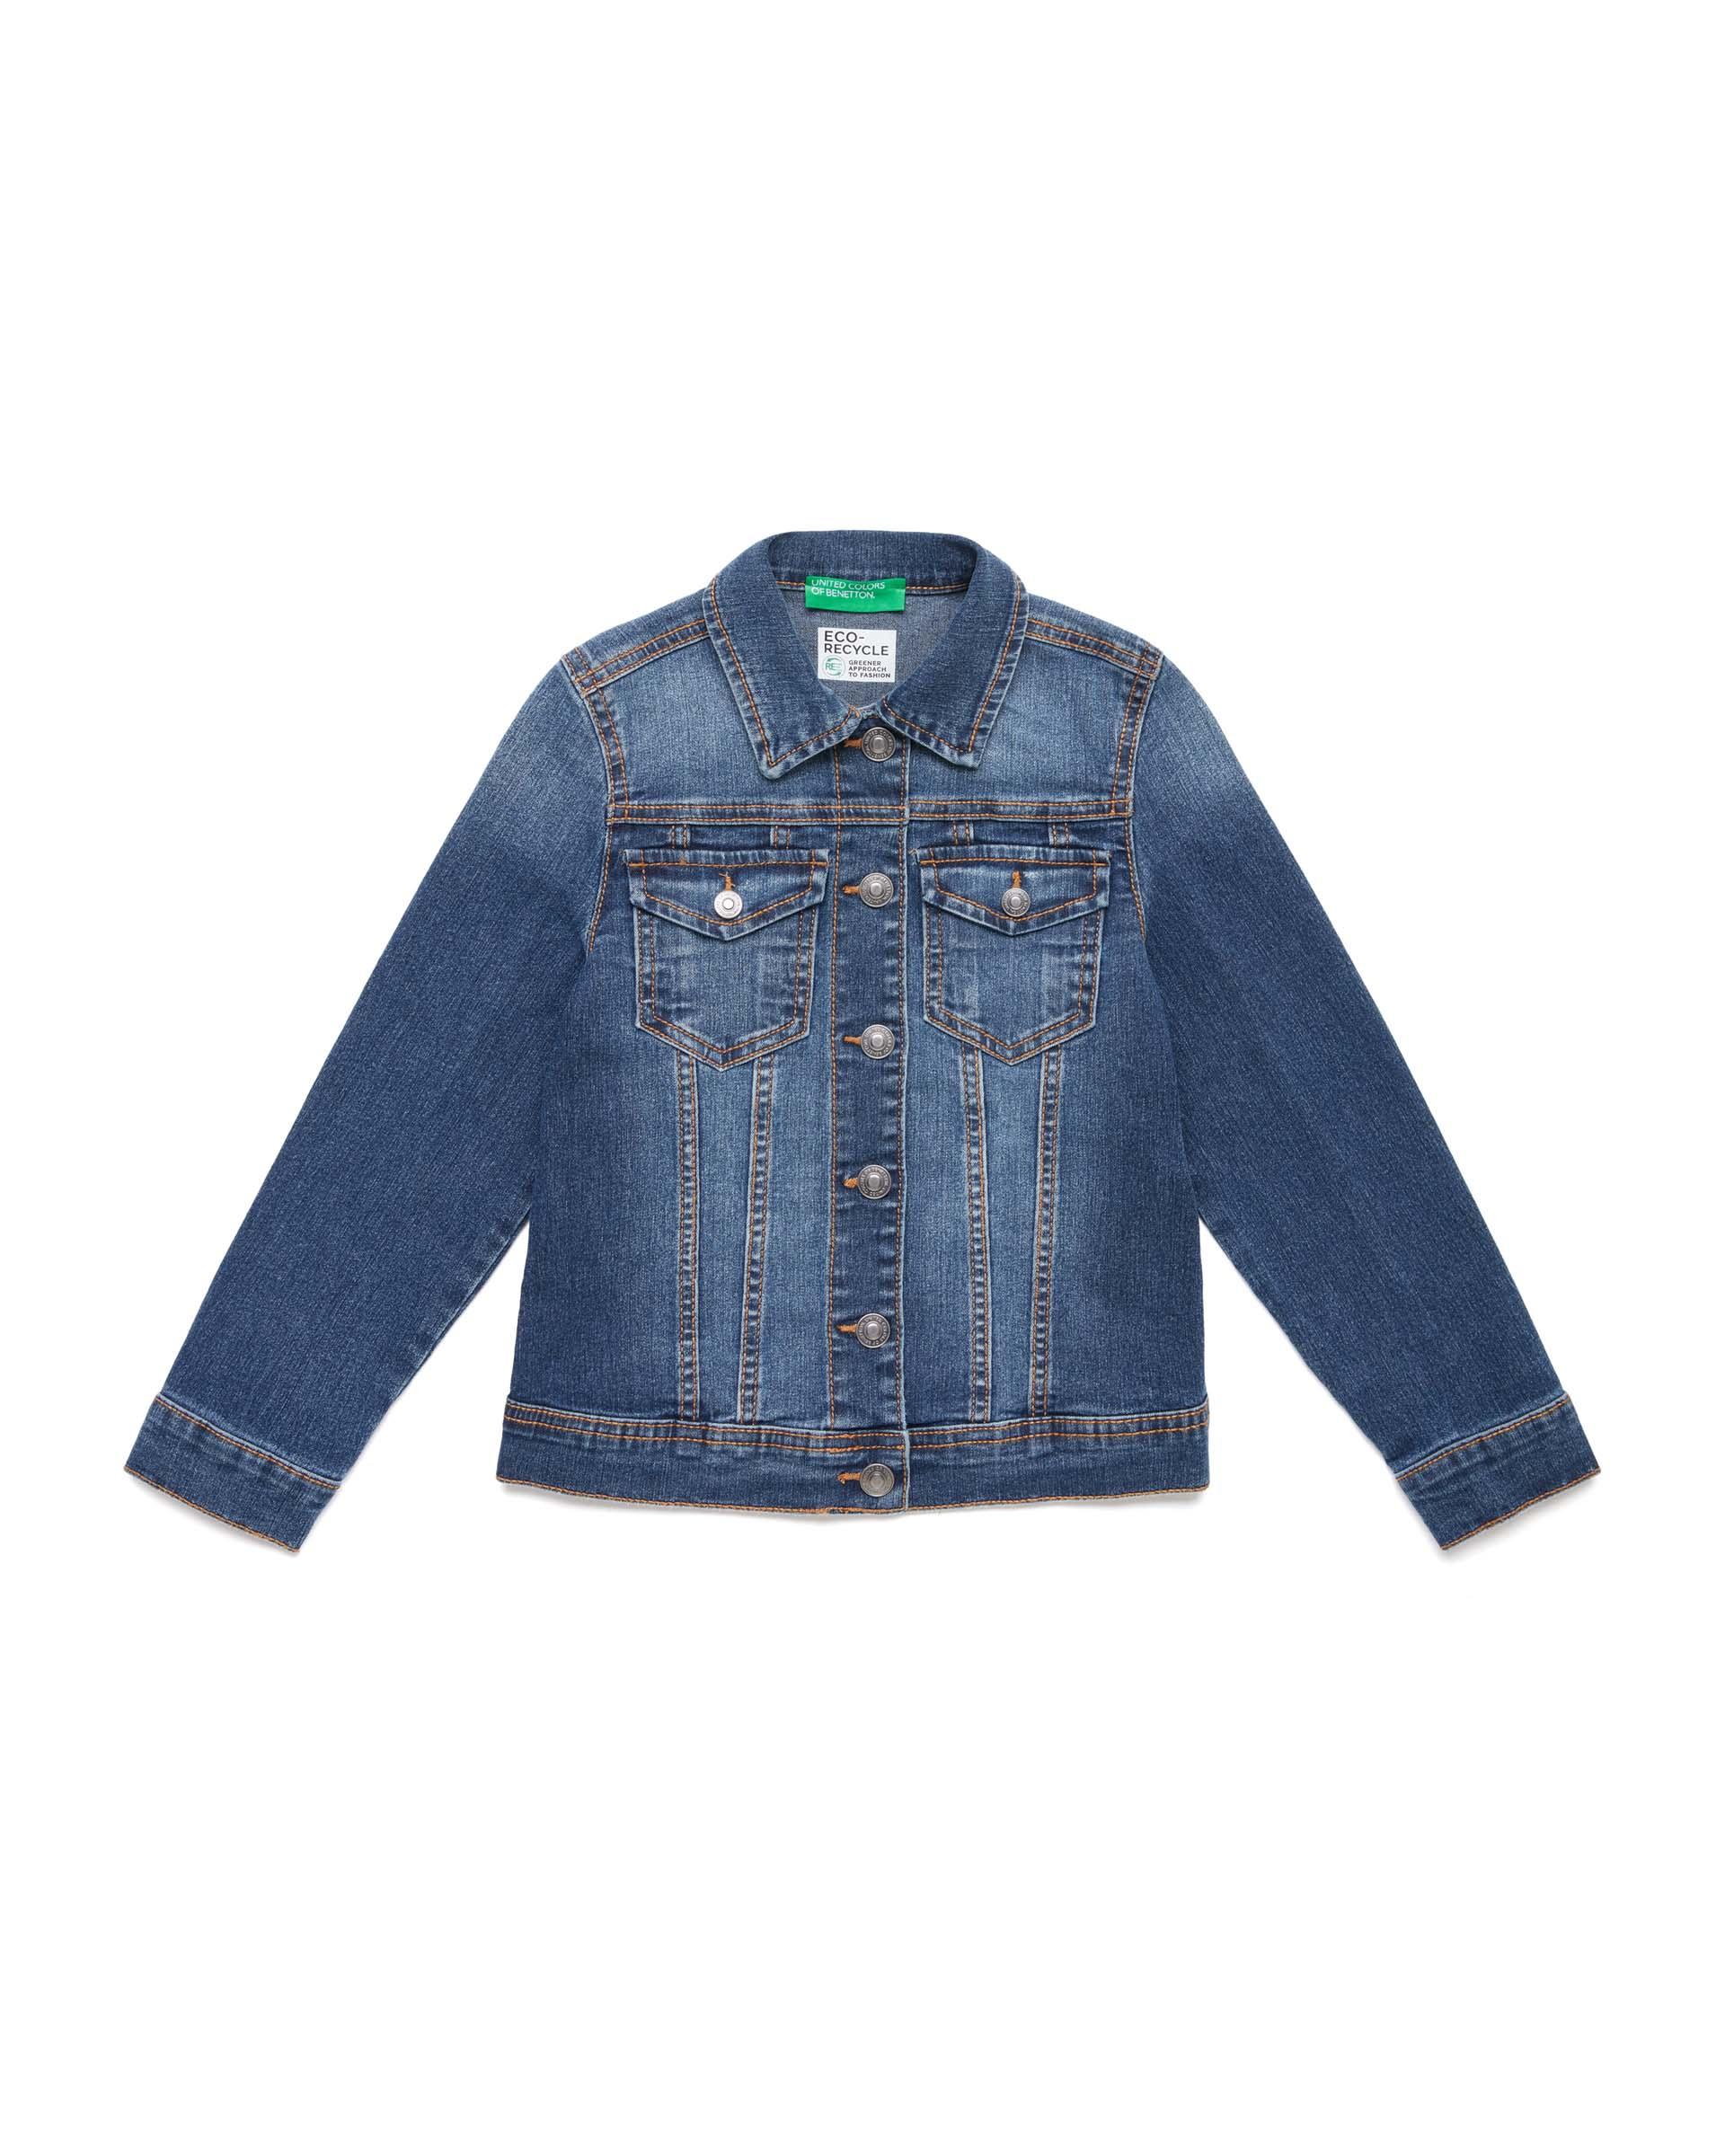 Купить 20P_2XA253HK0_901, Джинсовая куртка для девочек Benetton 2XA253HK0_901 р-р 170, United Colors of Benetton, Куртки для девочек